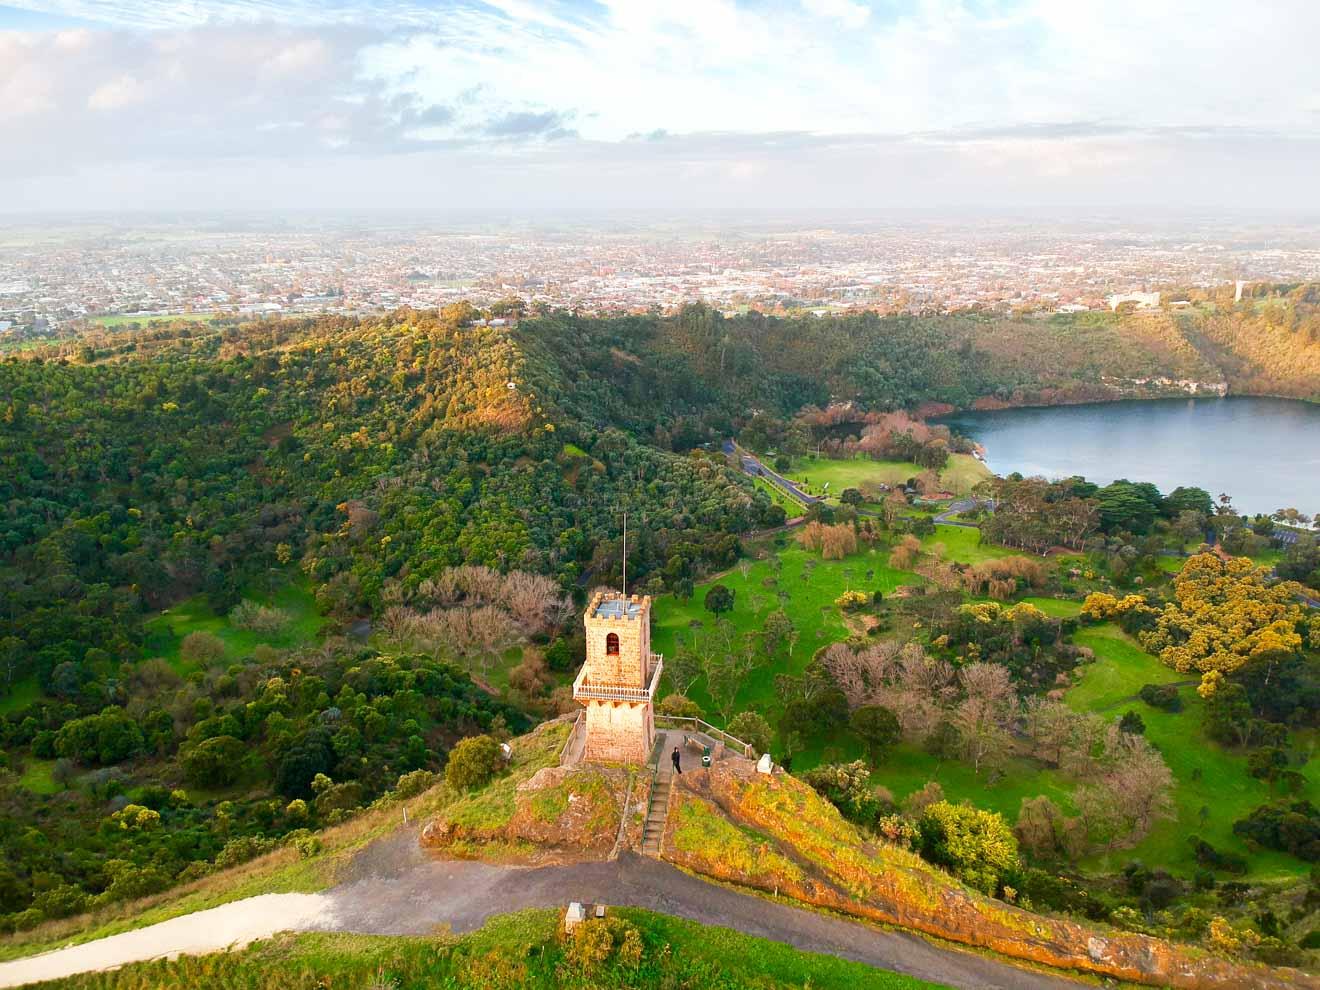 Que voir à Mount Gambier - Centenary Tower Que faire à Mount Gambier